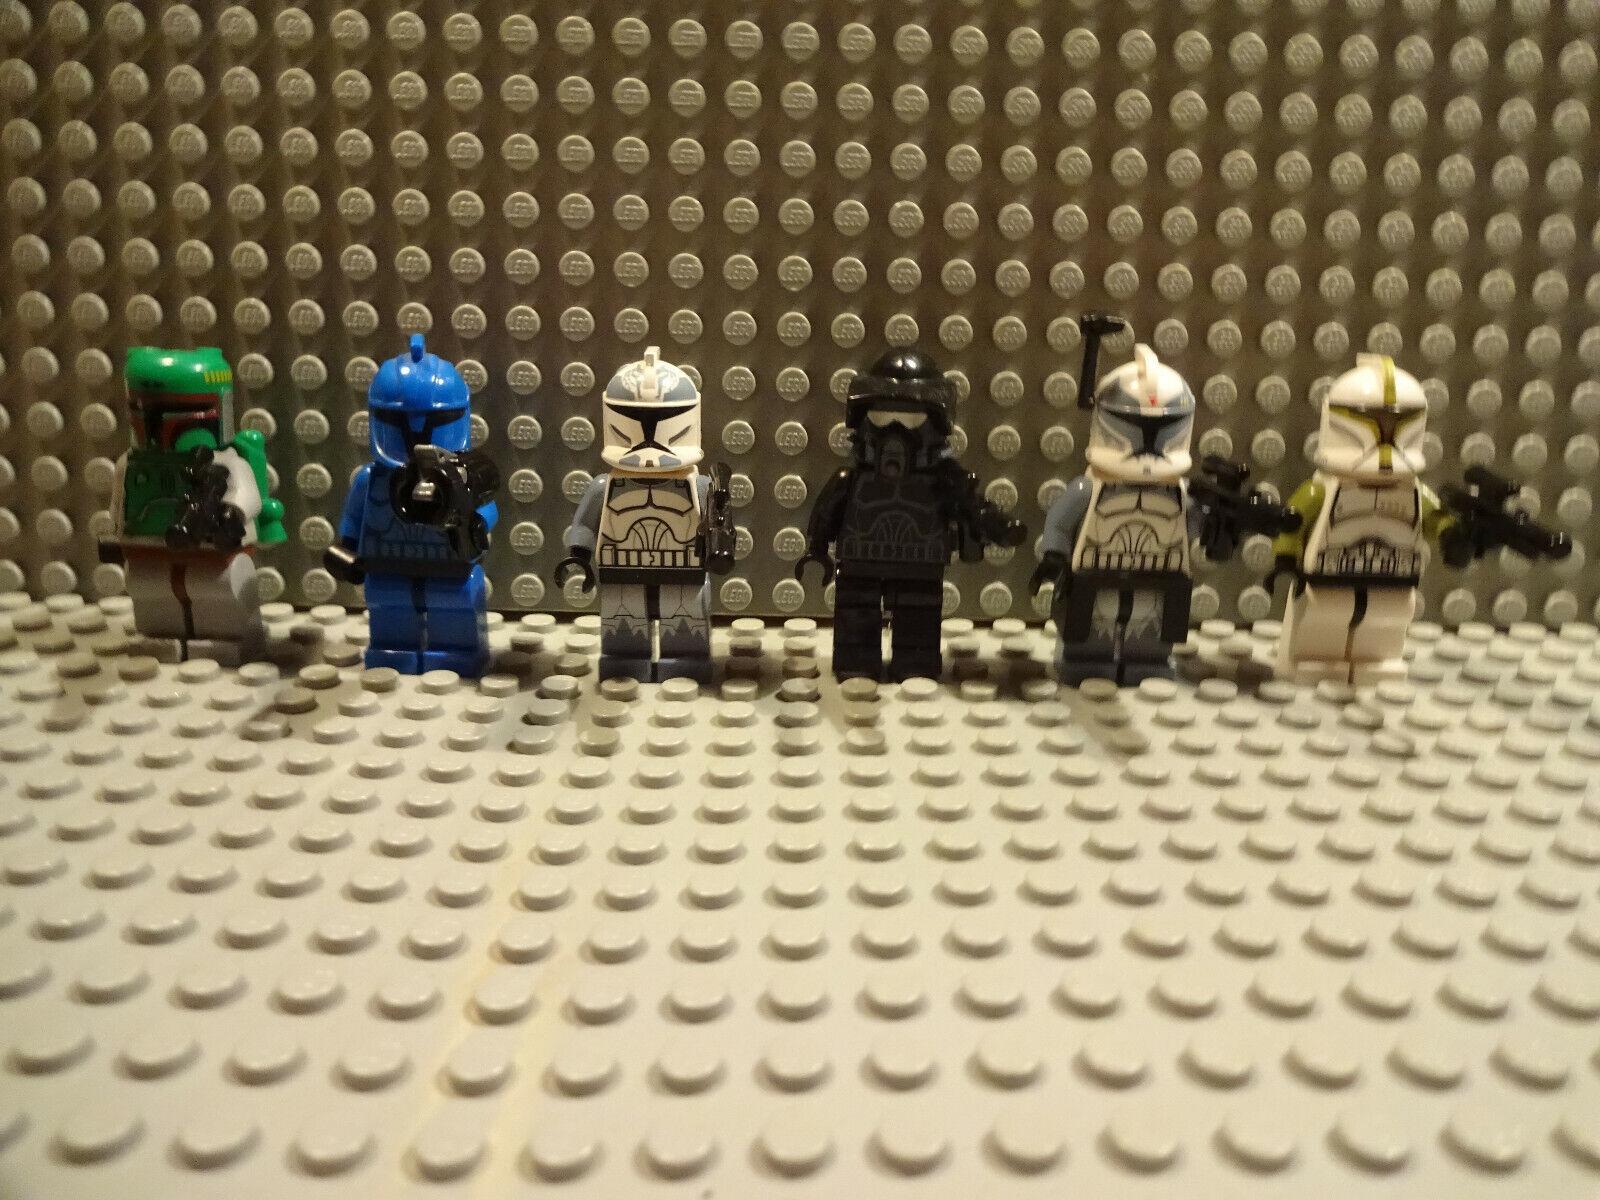 (J12 5) Lego Star Wars Figurines 3341 4476 7144 Promotion Set Selection Used Kg